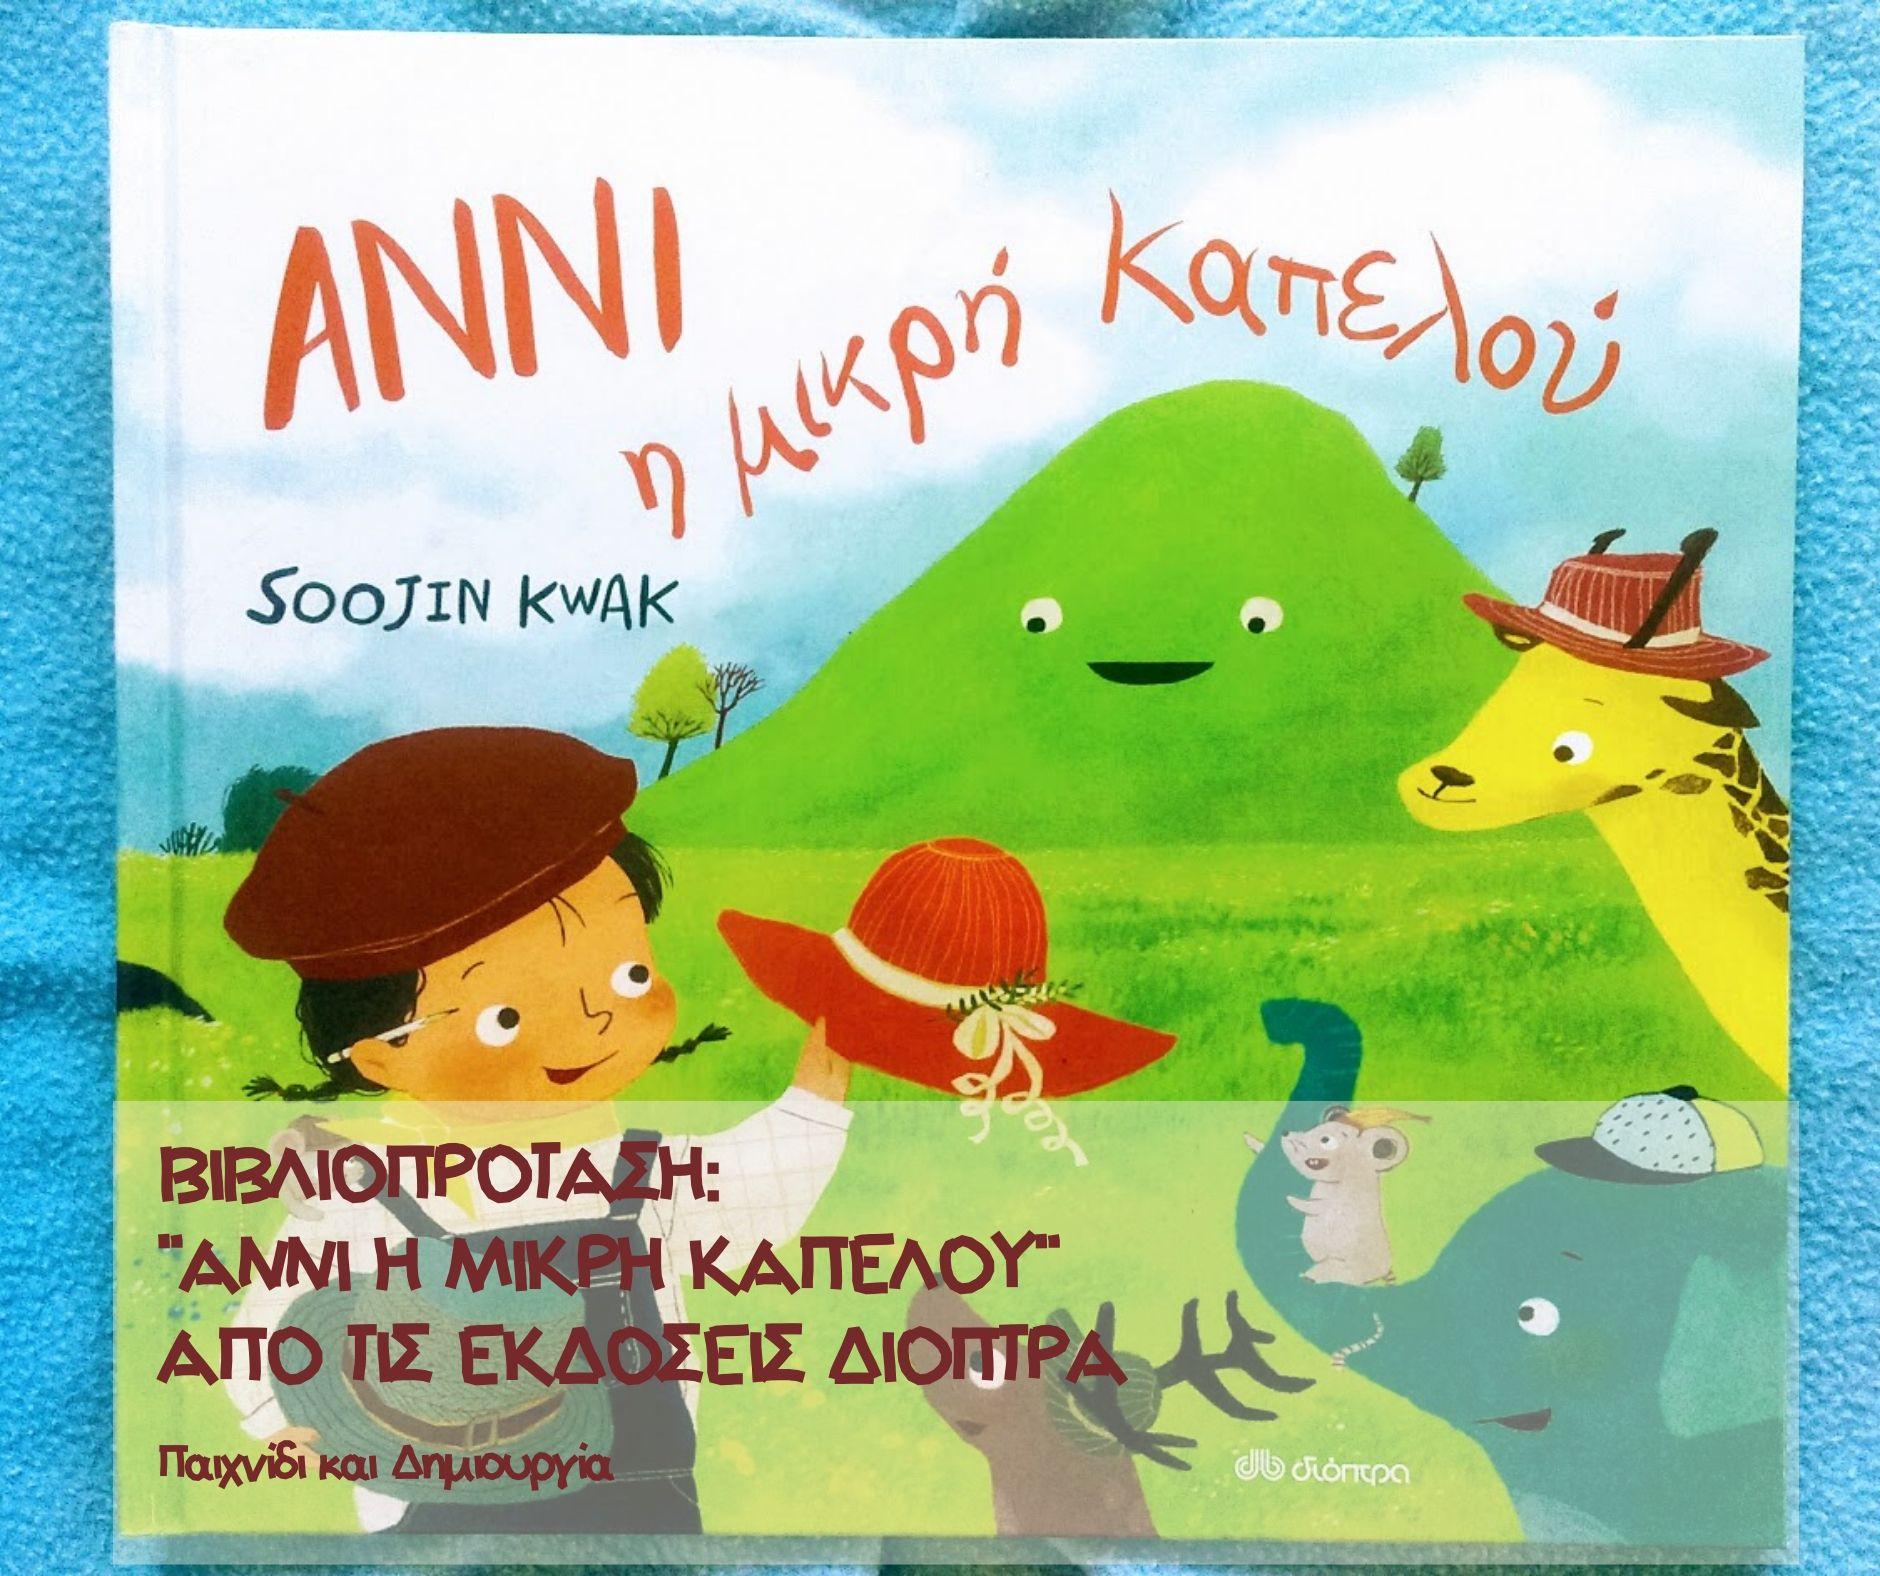 Anni-H-mikri-kapelou-ekdoseis-dioptra